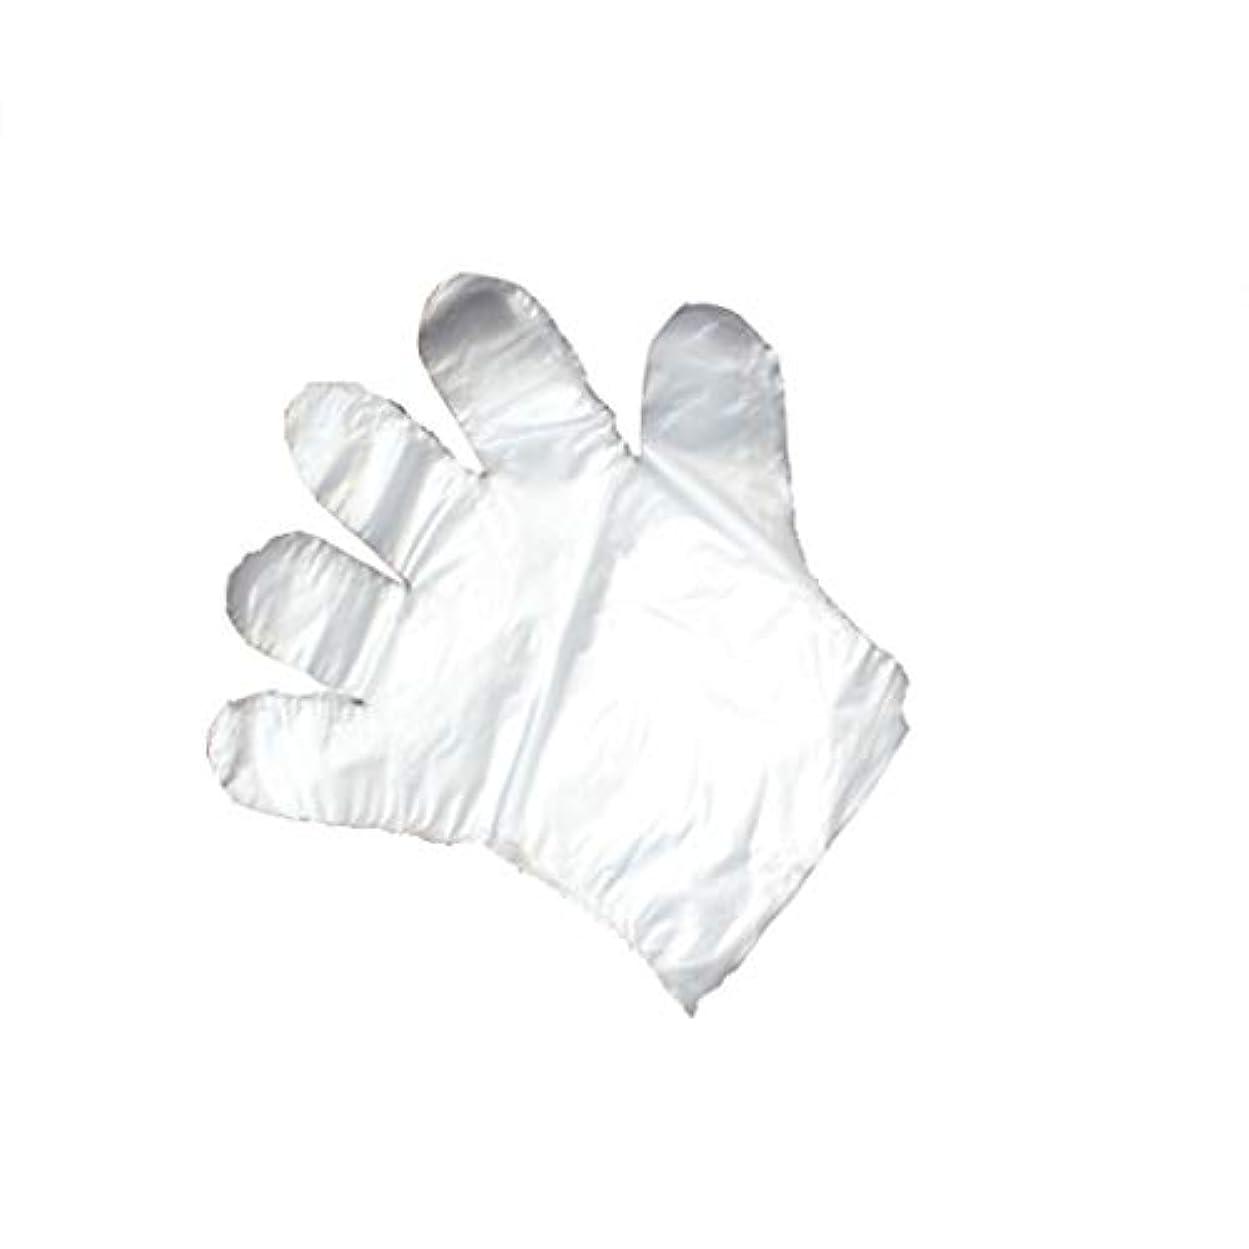 マニフェスト冷ややかな解体する手袋、使い捨て手袋、透明な肥厚、美しさ、家庭掃除、手袋、白、透明、5パック、500袋。 (UnitCount : 1000)